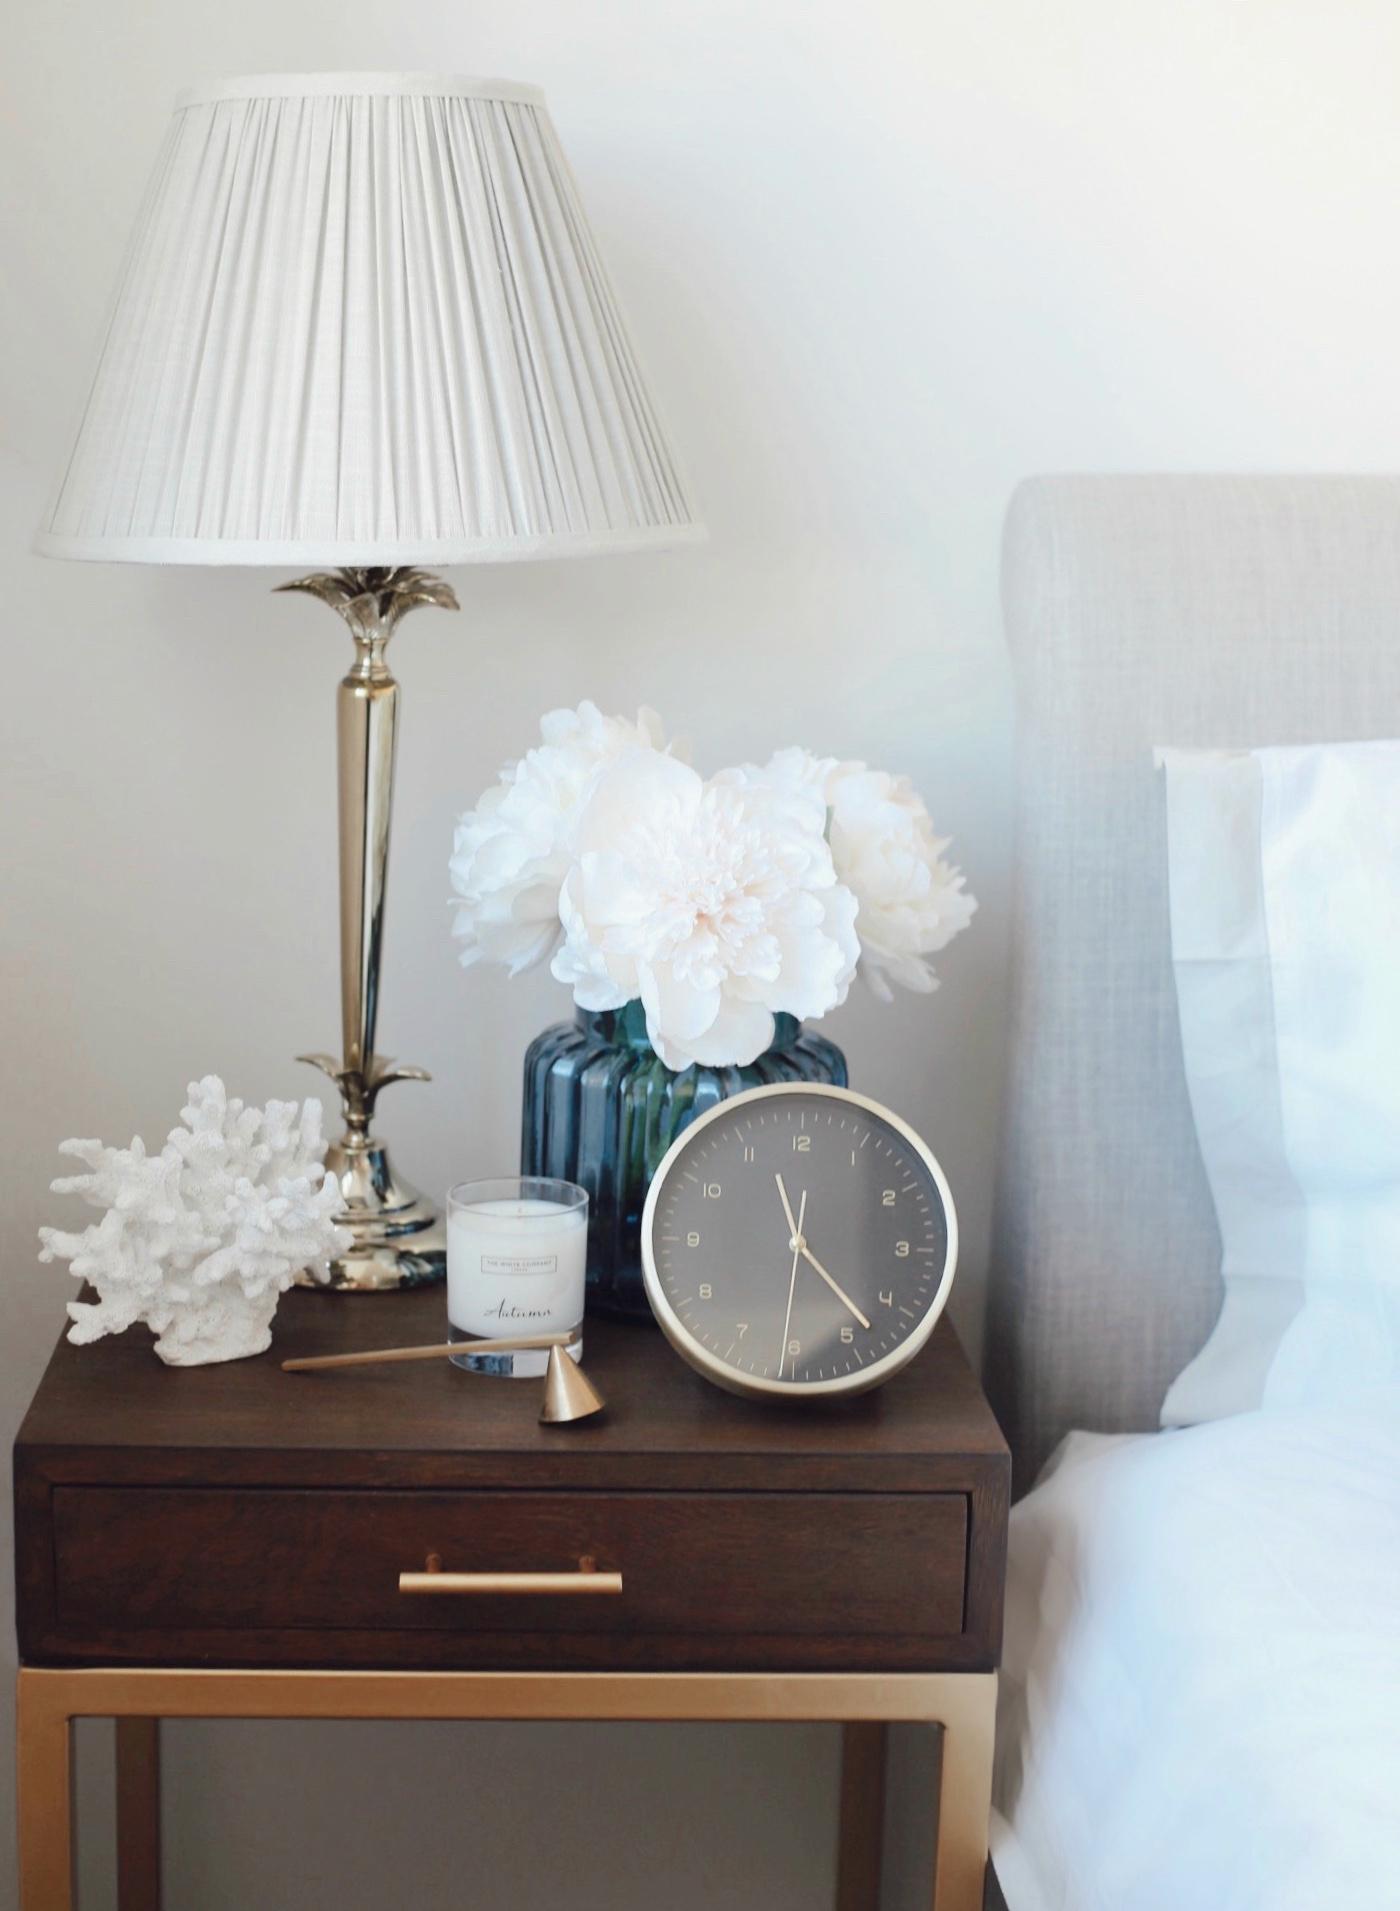 Take a peek inside my bedroom - Launeden